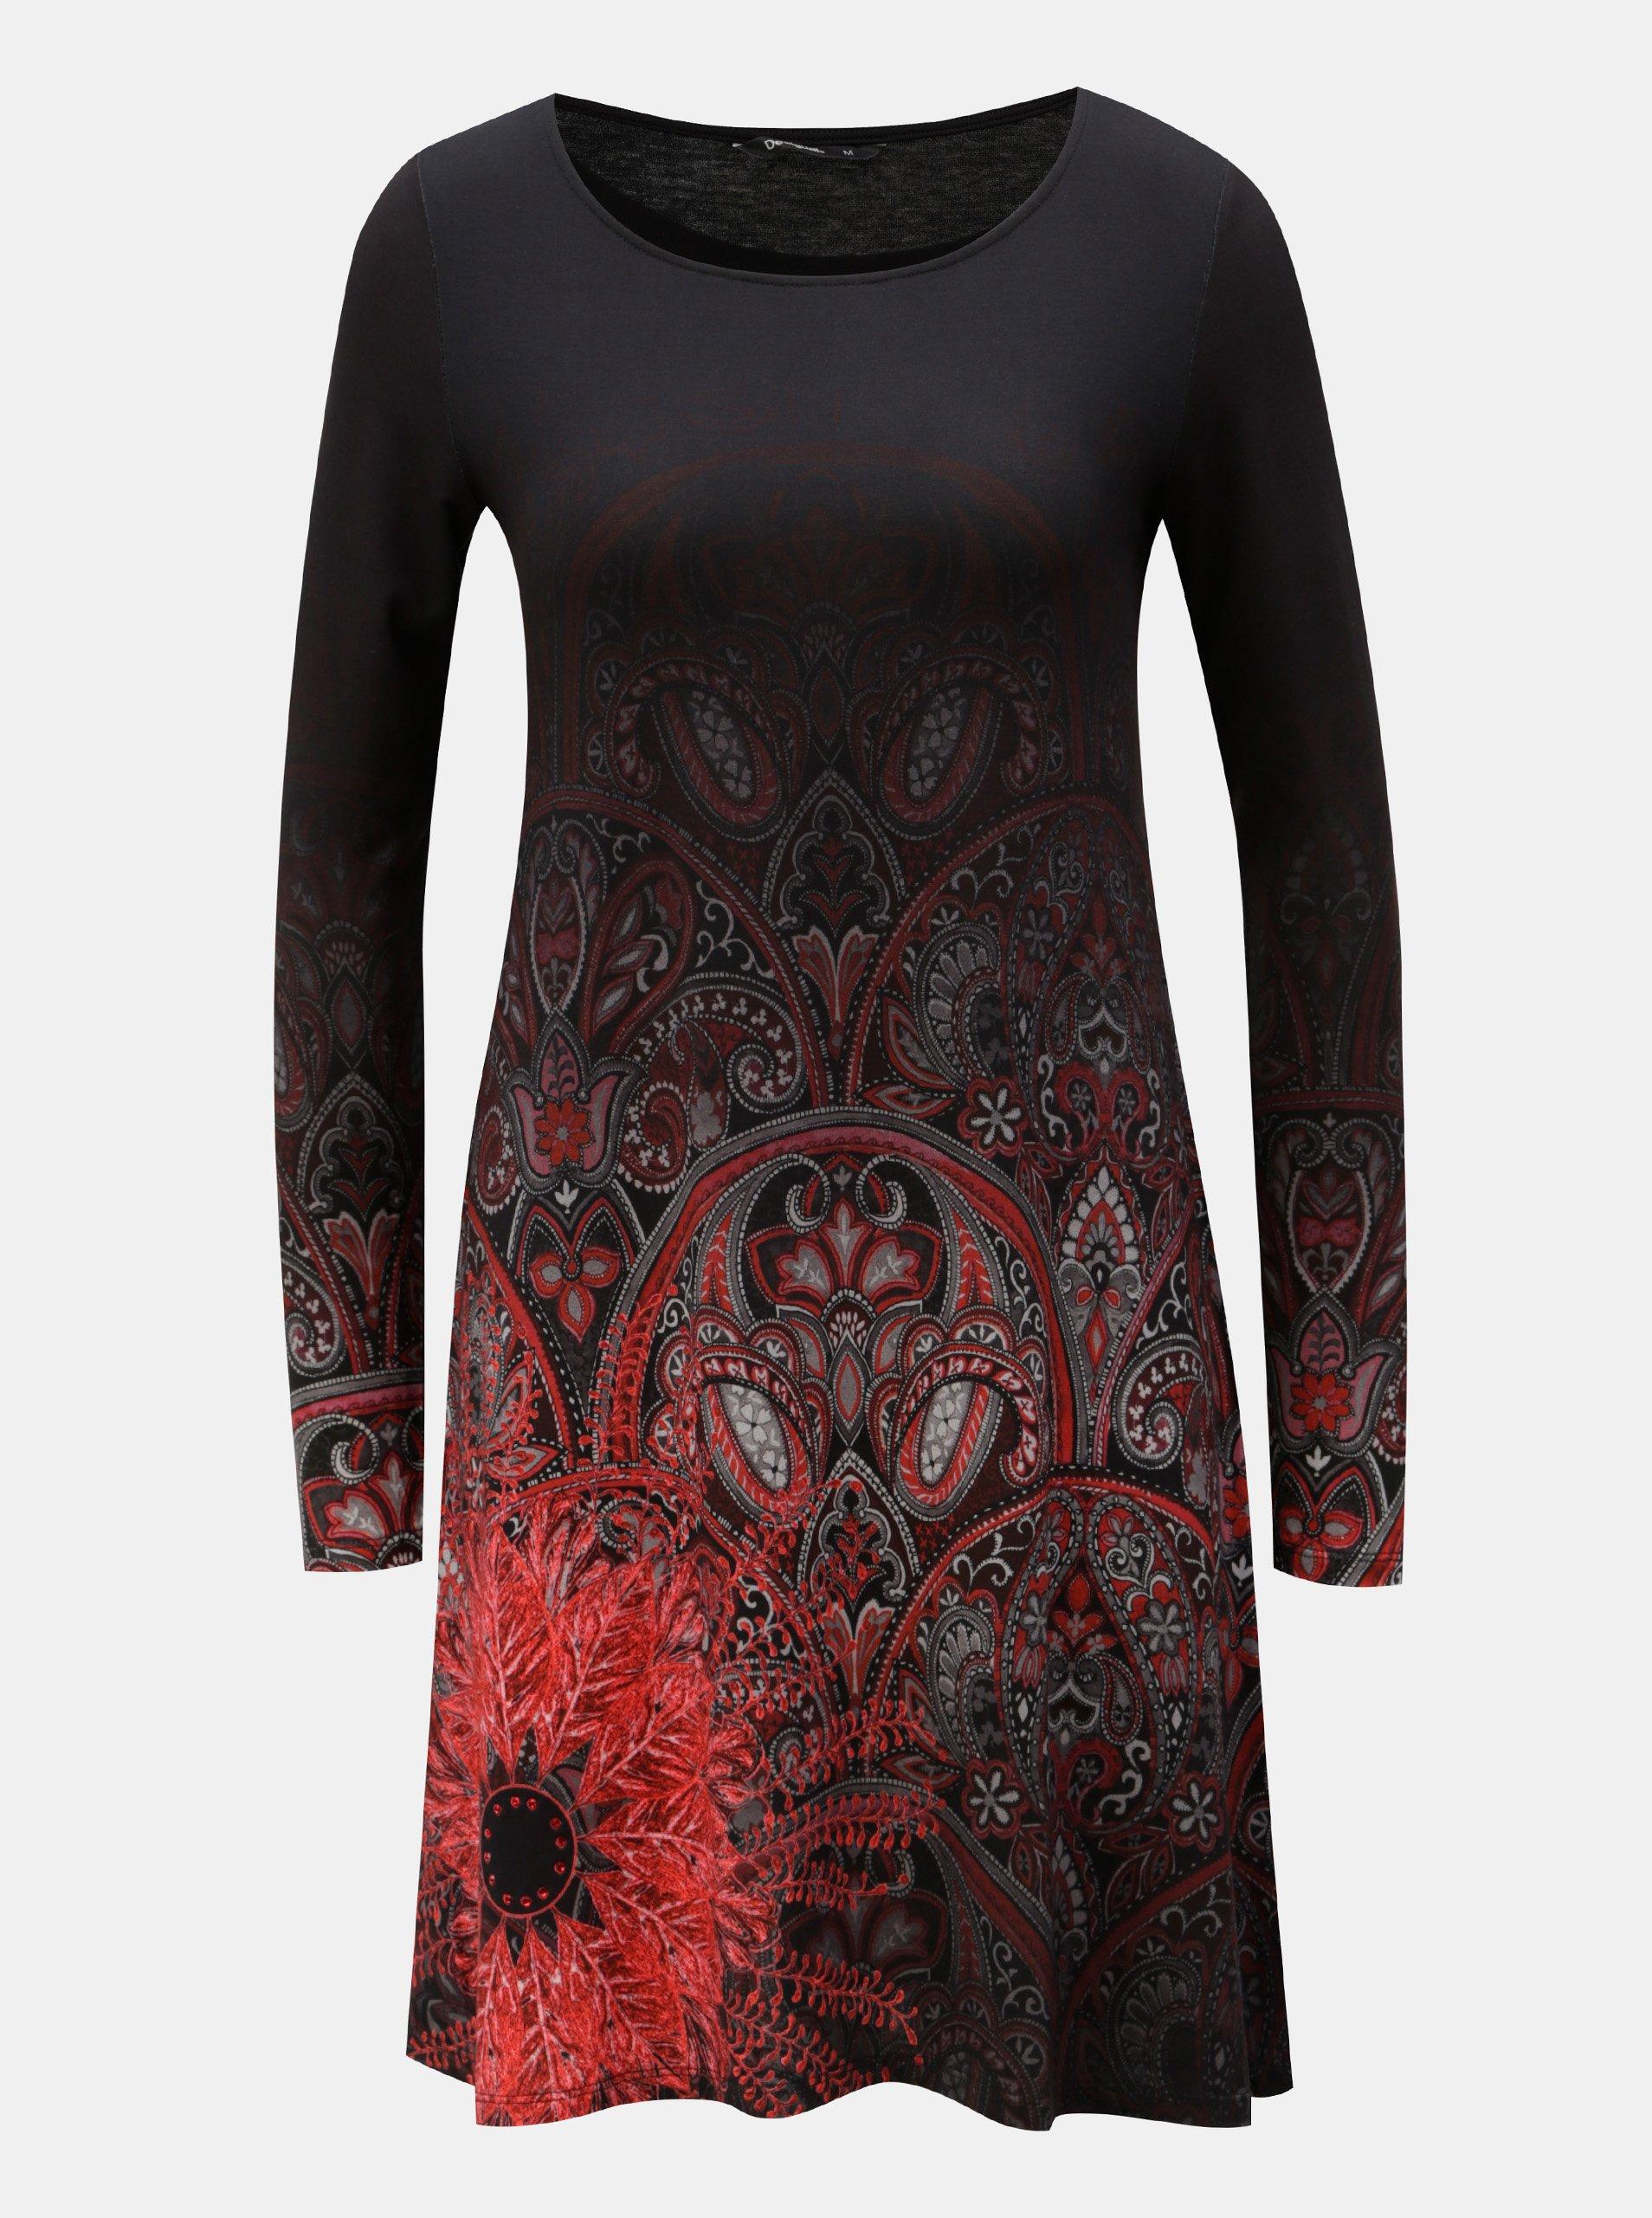 Čierne vzorované šaty s dlhým rukávom Desigual Jaipur 542c2a16028